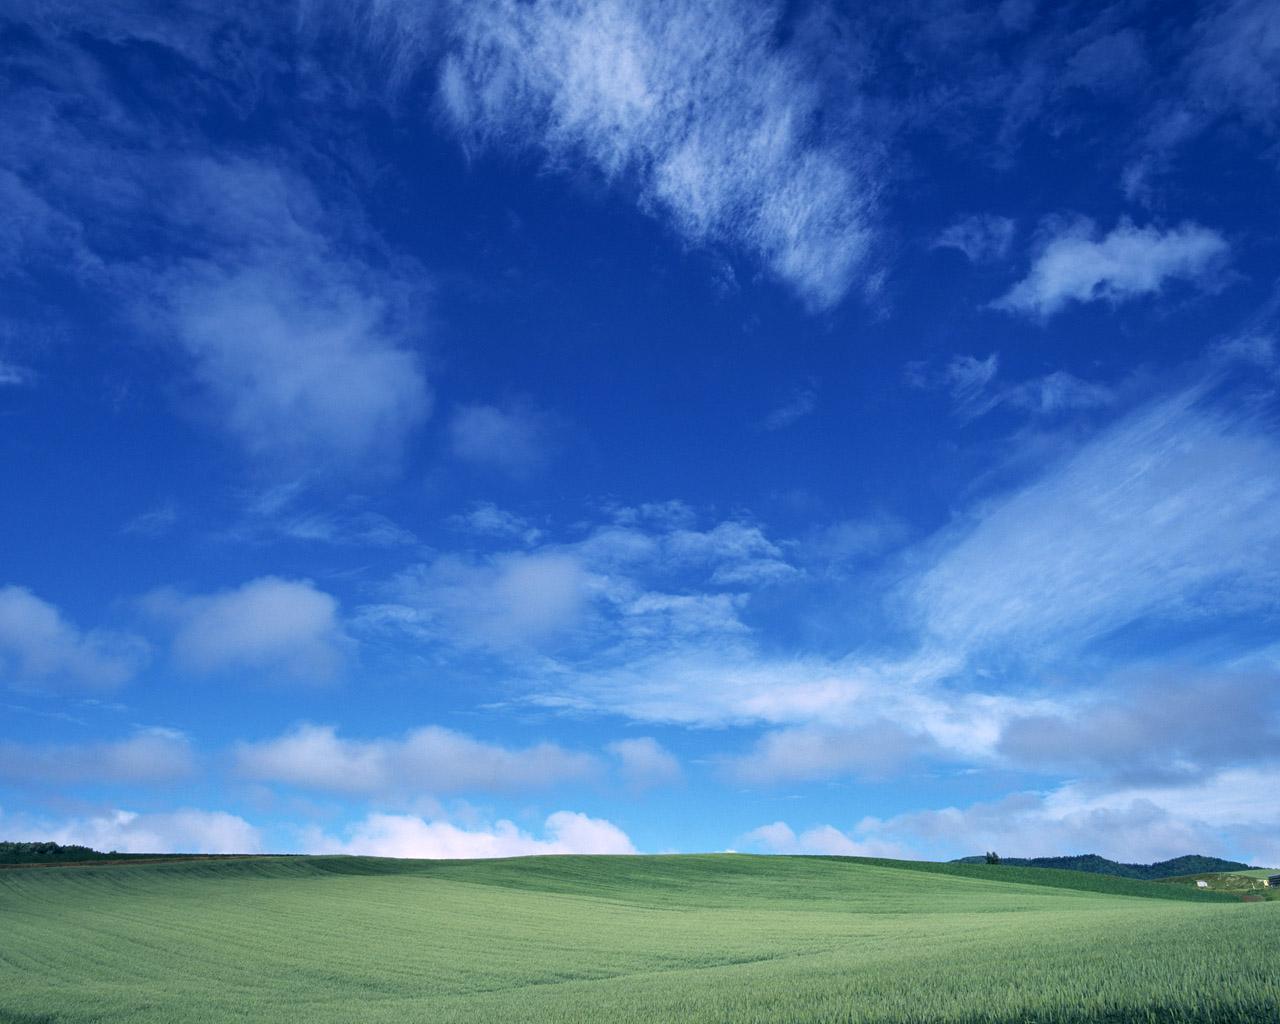 http://3.bp.blogspot.com/-jASK4Hmz64Y/USD5Vf-zWXI/AAAAAAAAAT0/Wm1Tw0akV08/s1600/5607-blue-and-white-wallpaper.jpg